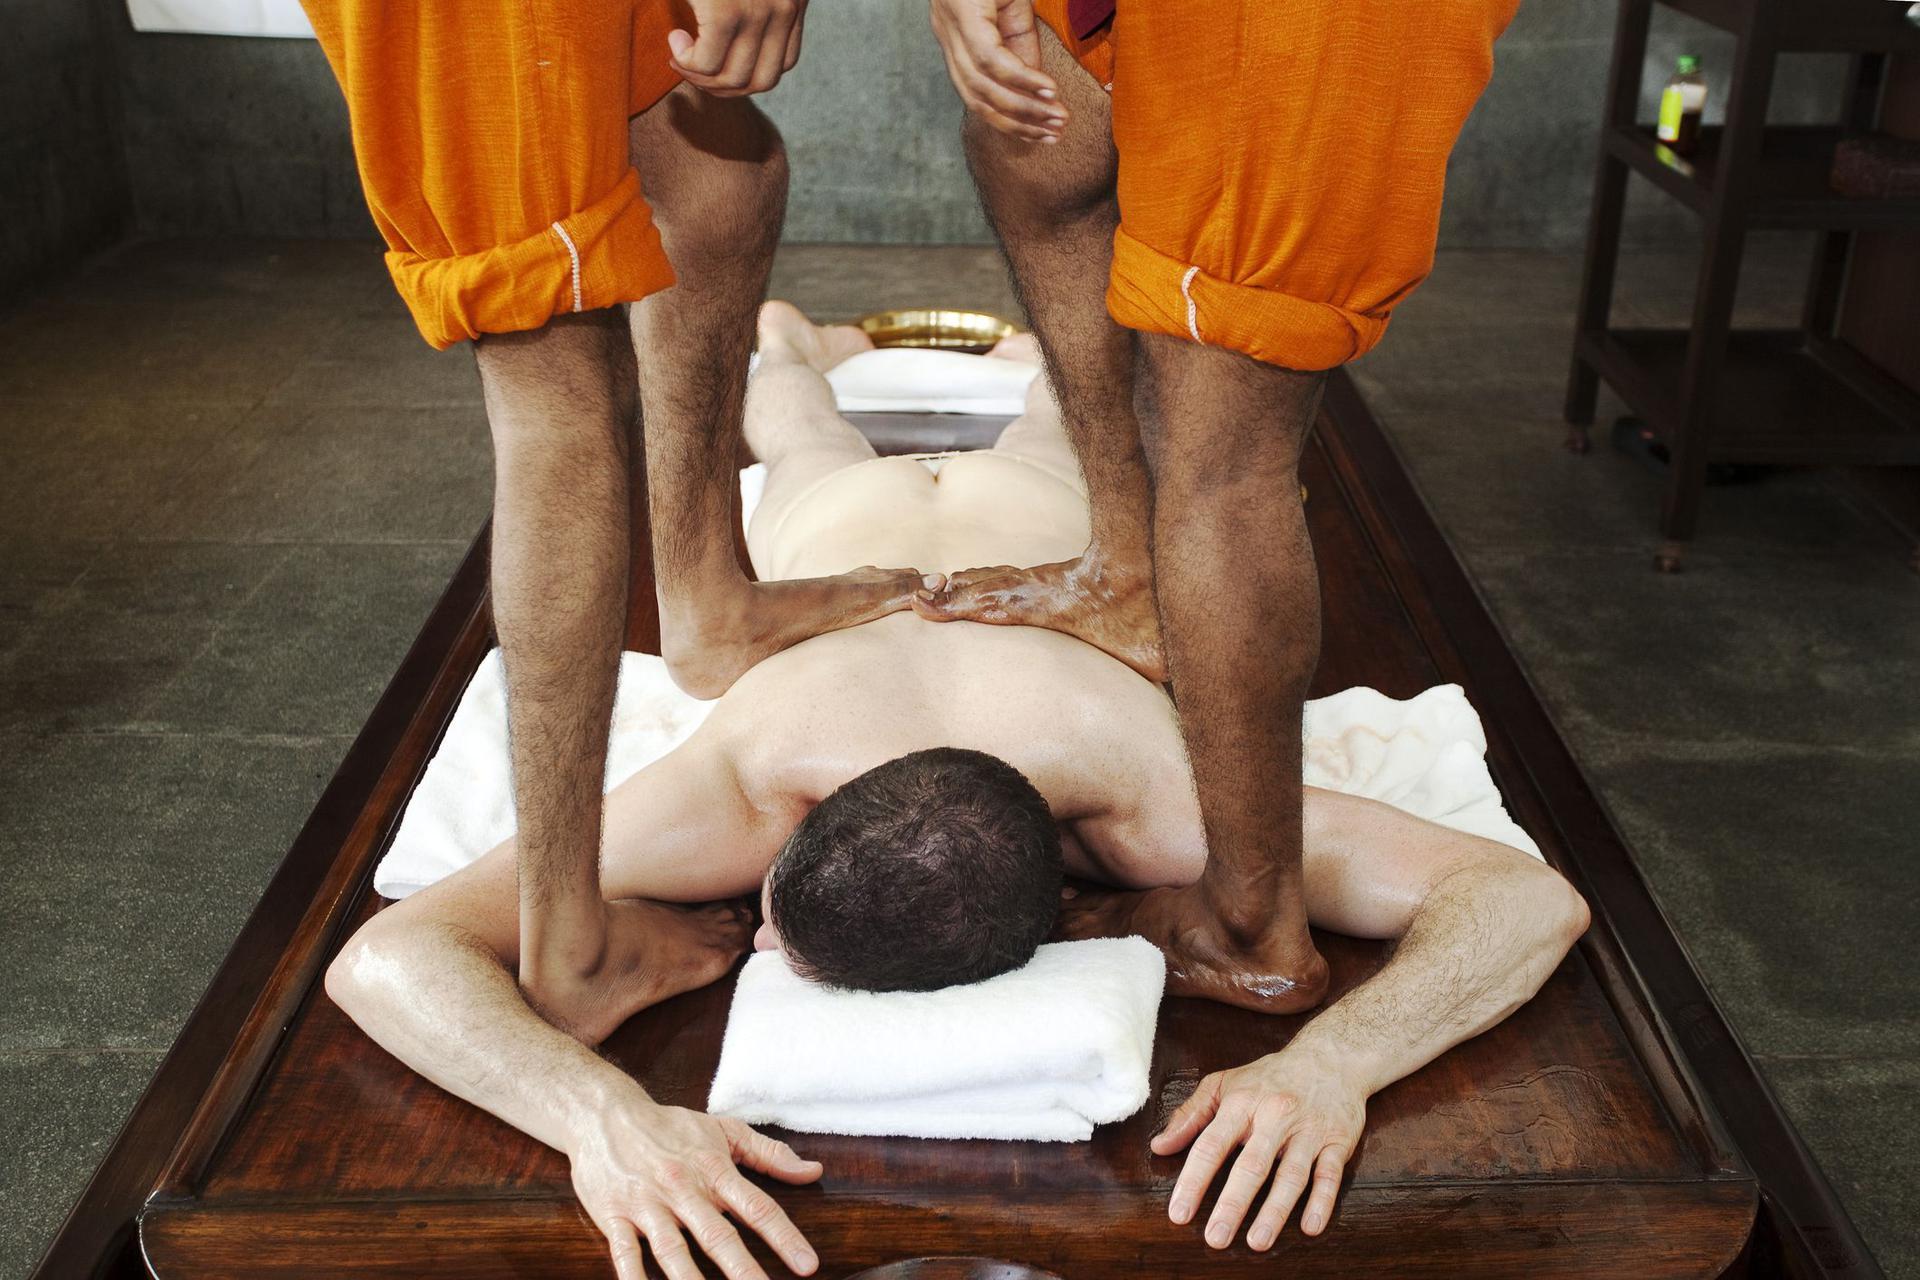 tajski masaż seksu squirting filmy pochwy